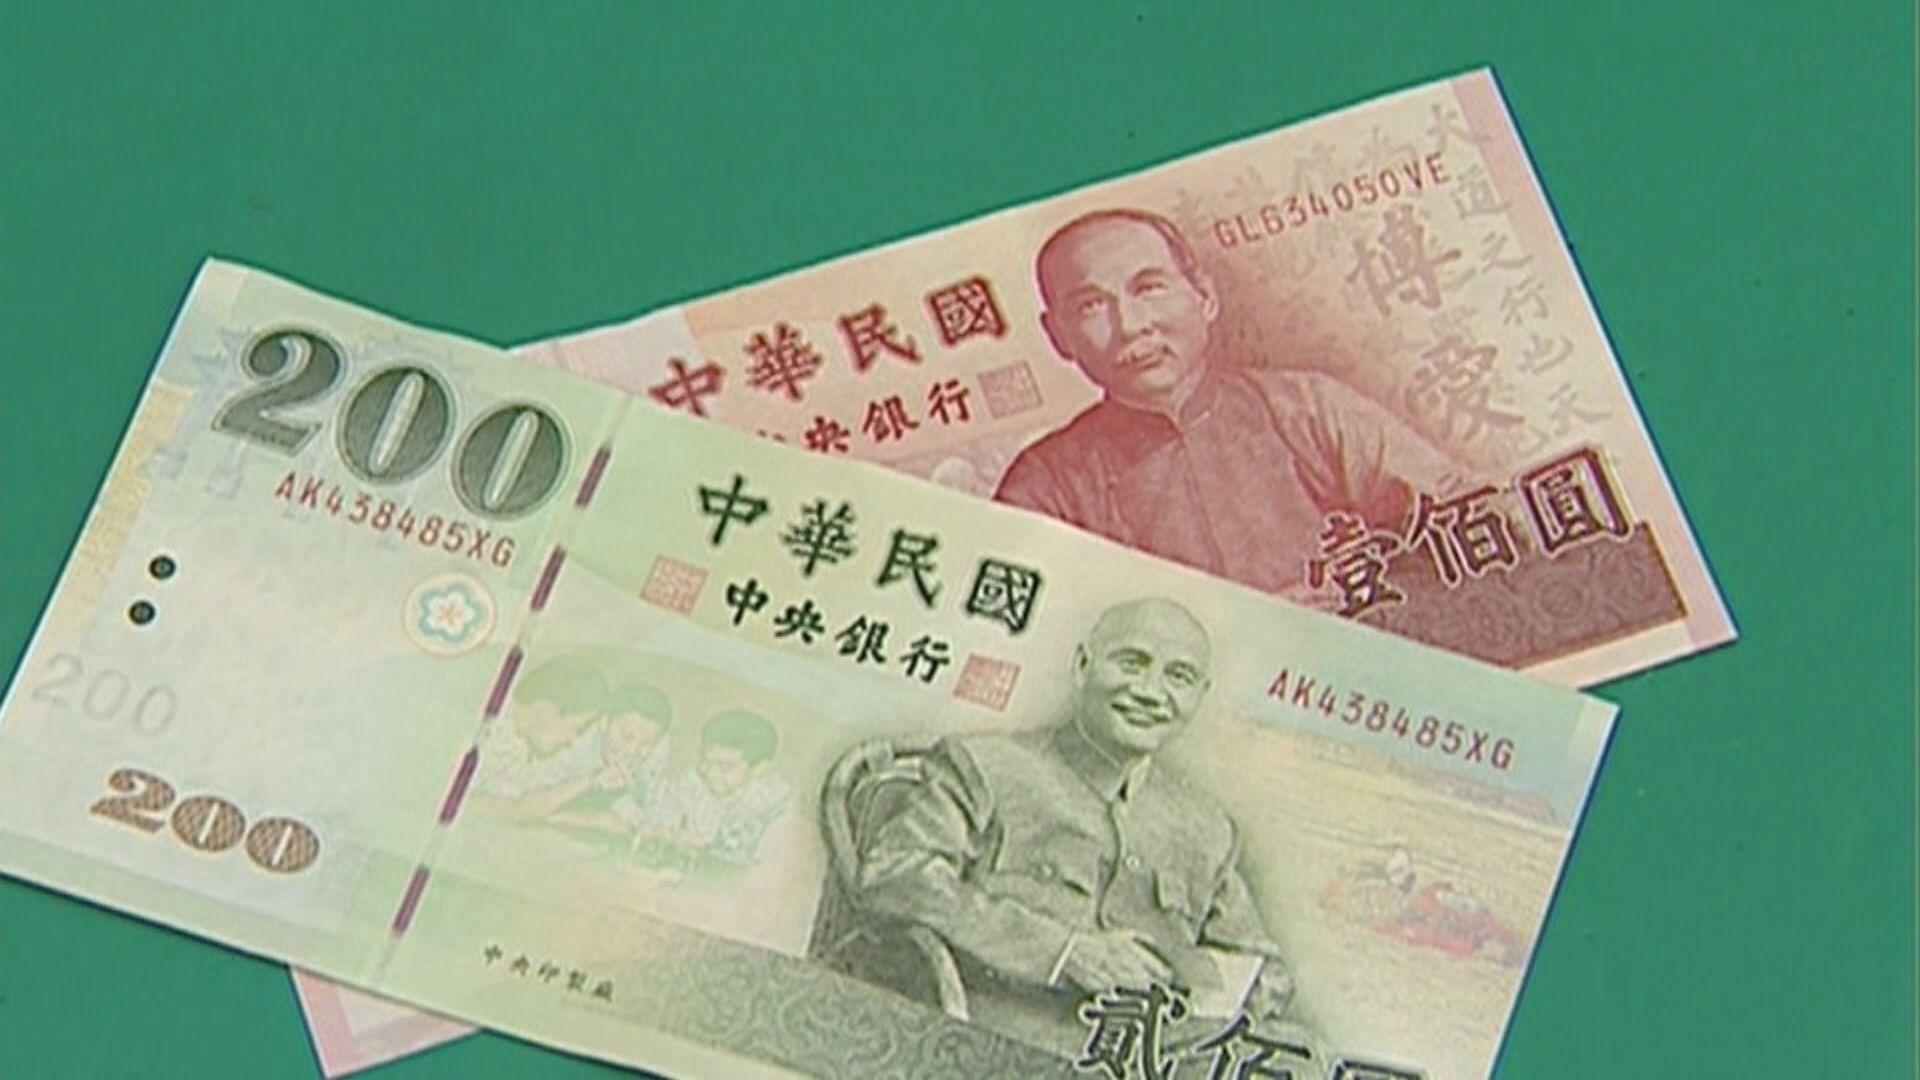 台促轉會倡去除新台幣威權象徵